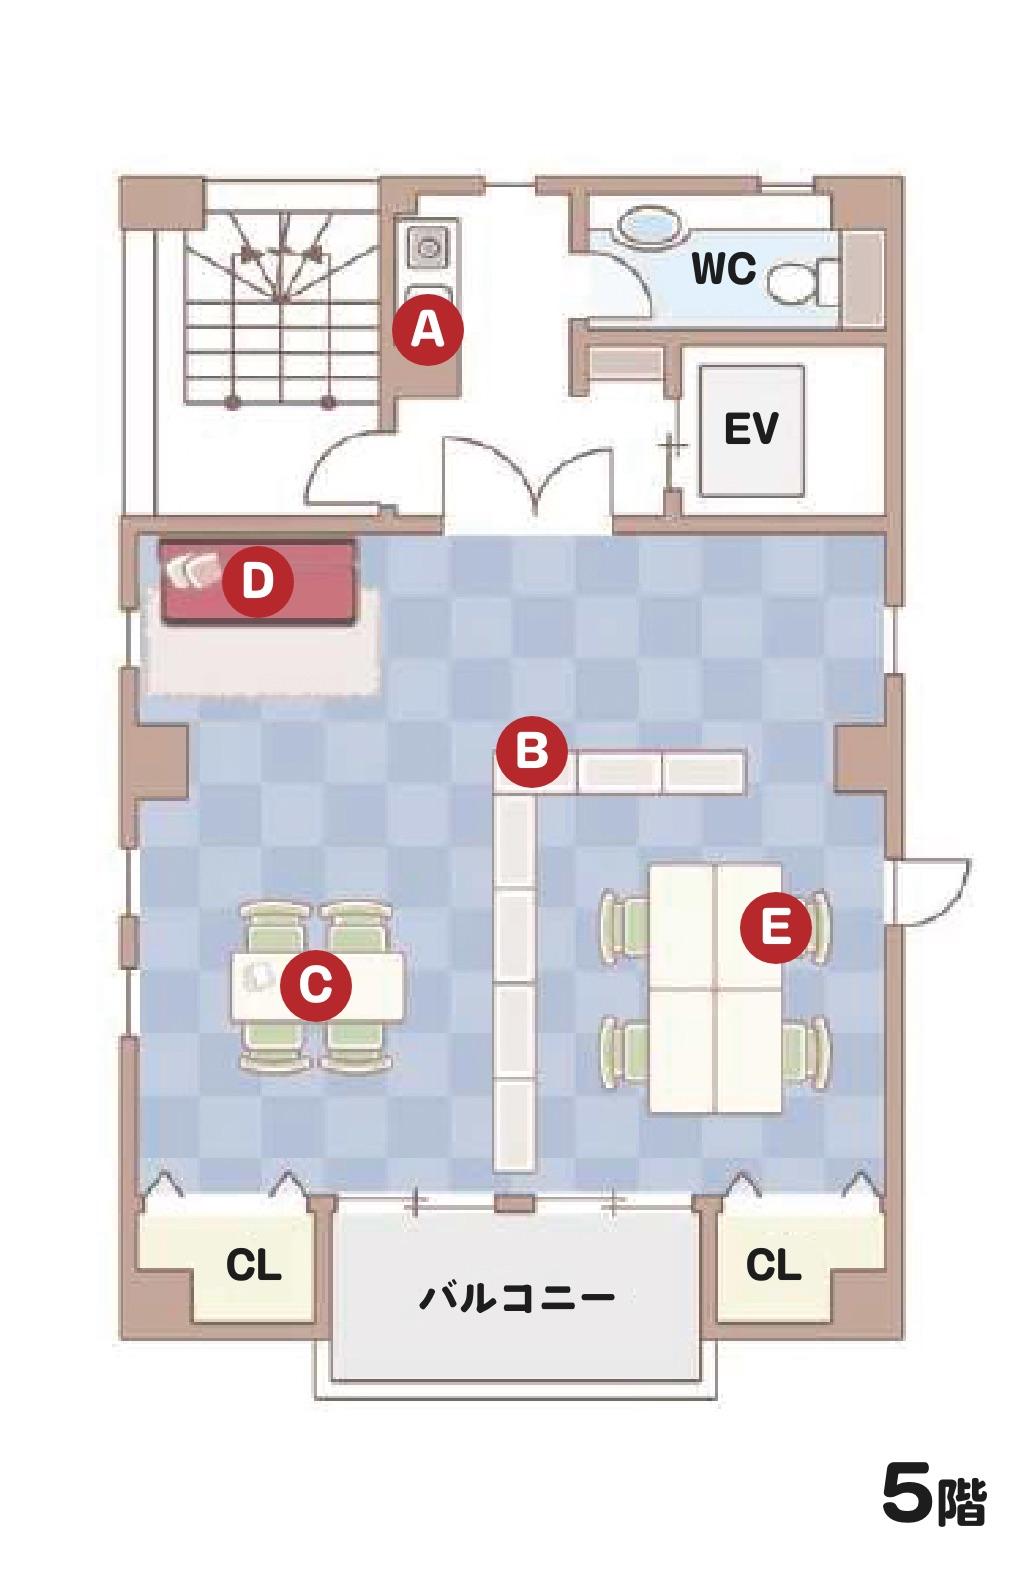 5F オフィス&レスパイトフロア マップ